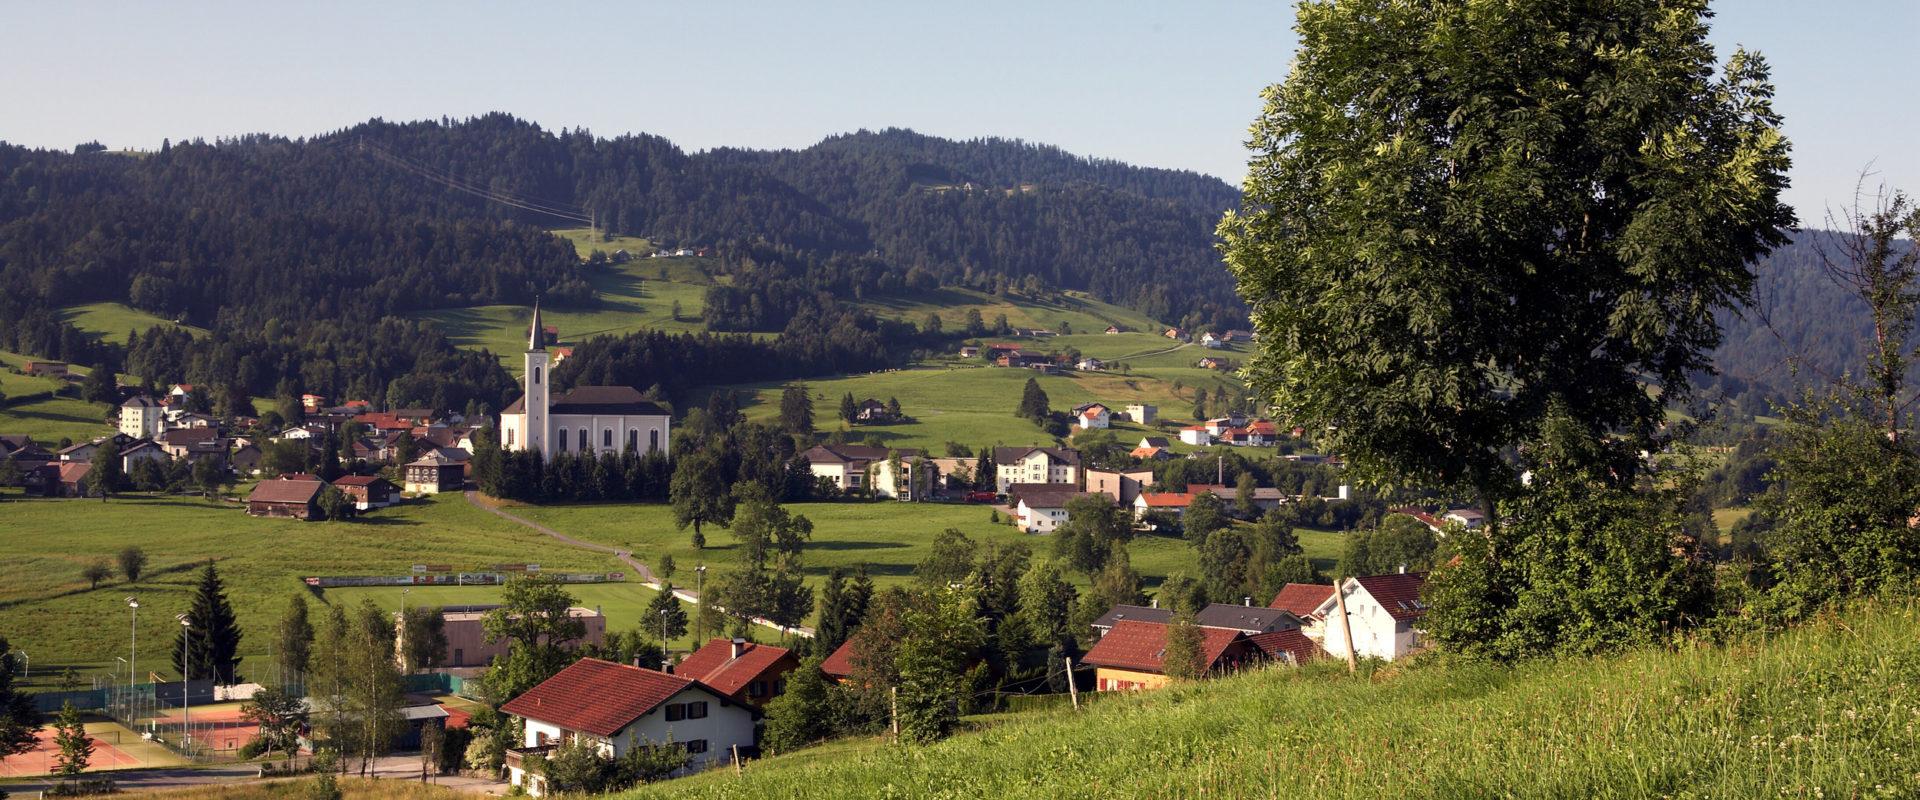 Alberschwende © Christoph Lingg / Bregenzerwald Tourismus